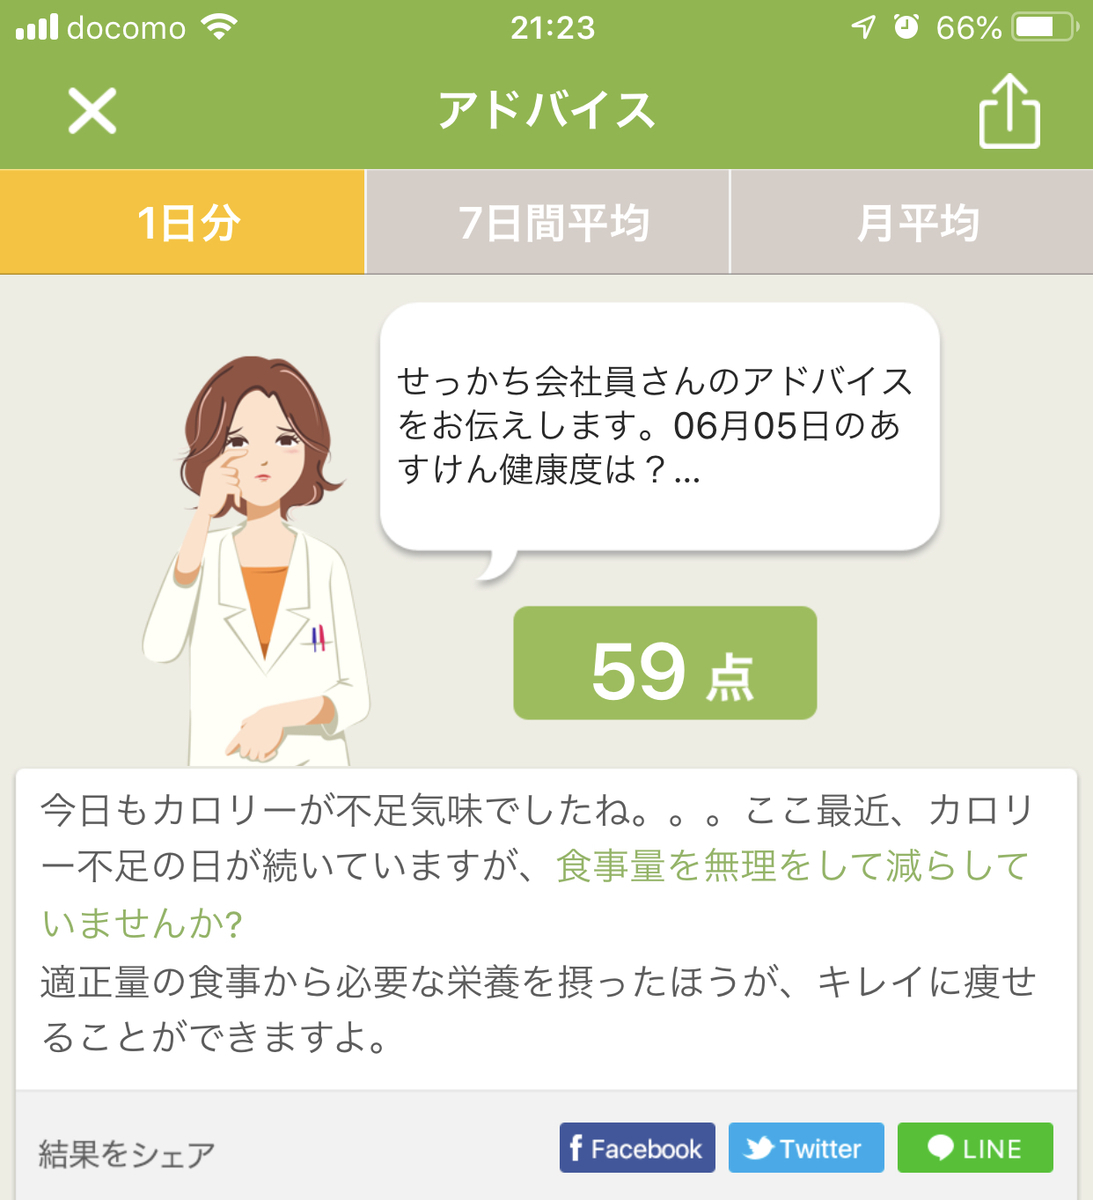 f:id:yuji-hy:20190606225543j:plain